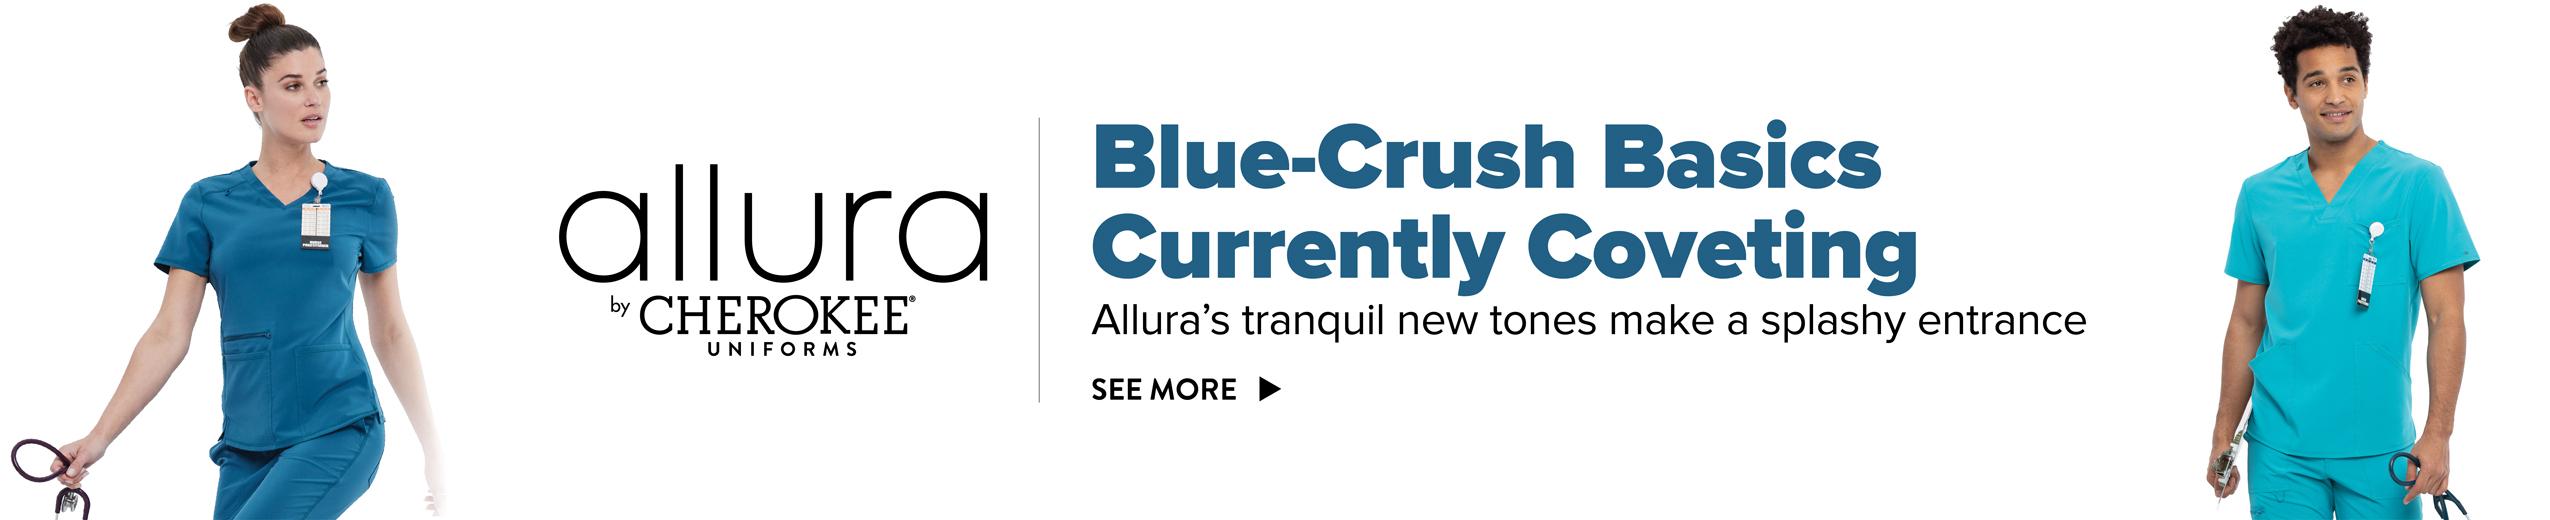 allura-2550x520-032621-15.jpg